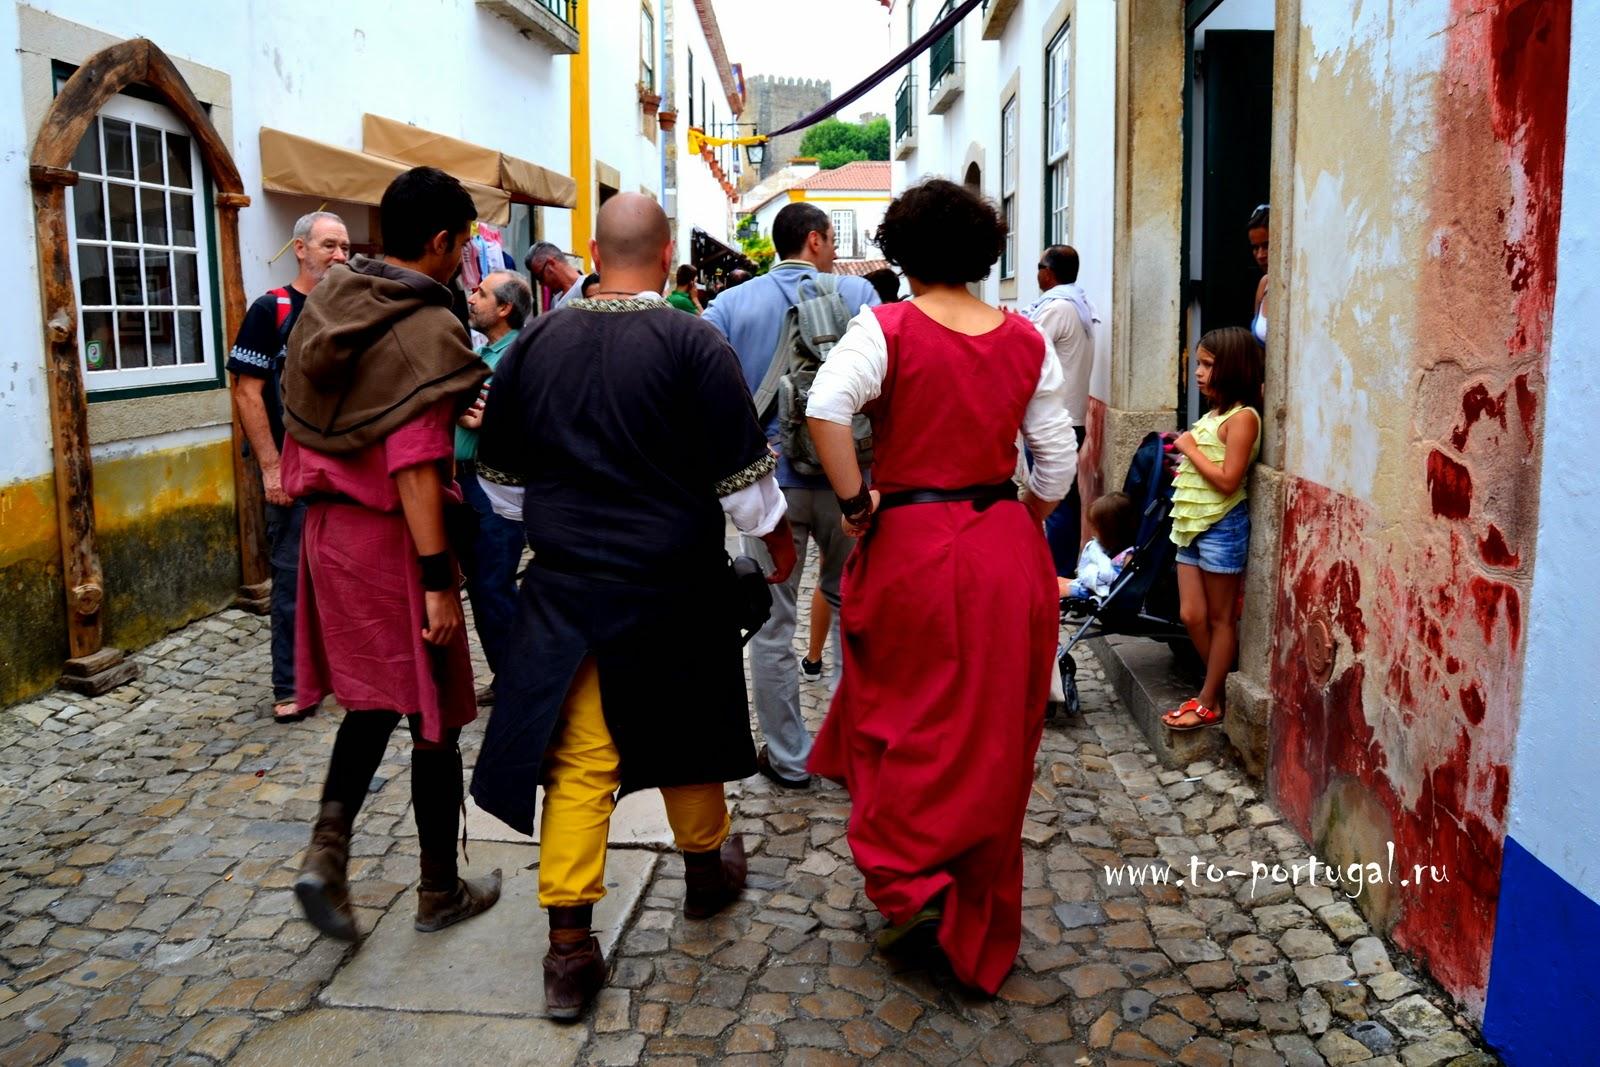 что посмотреть в Португалии в июле